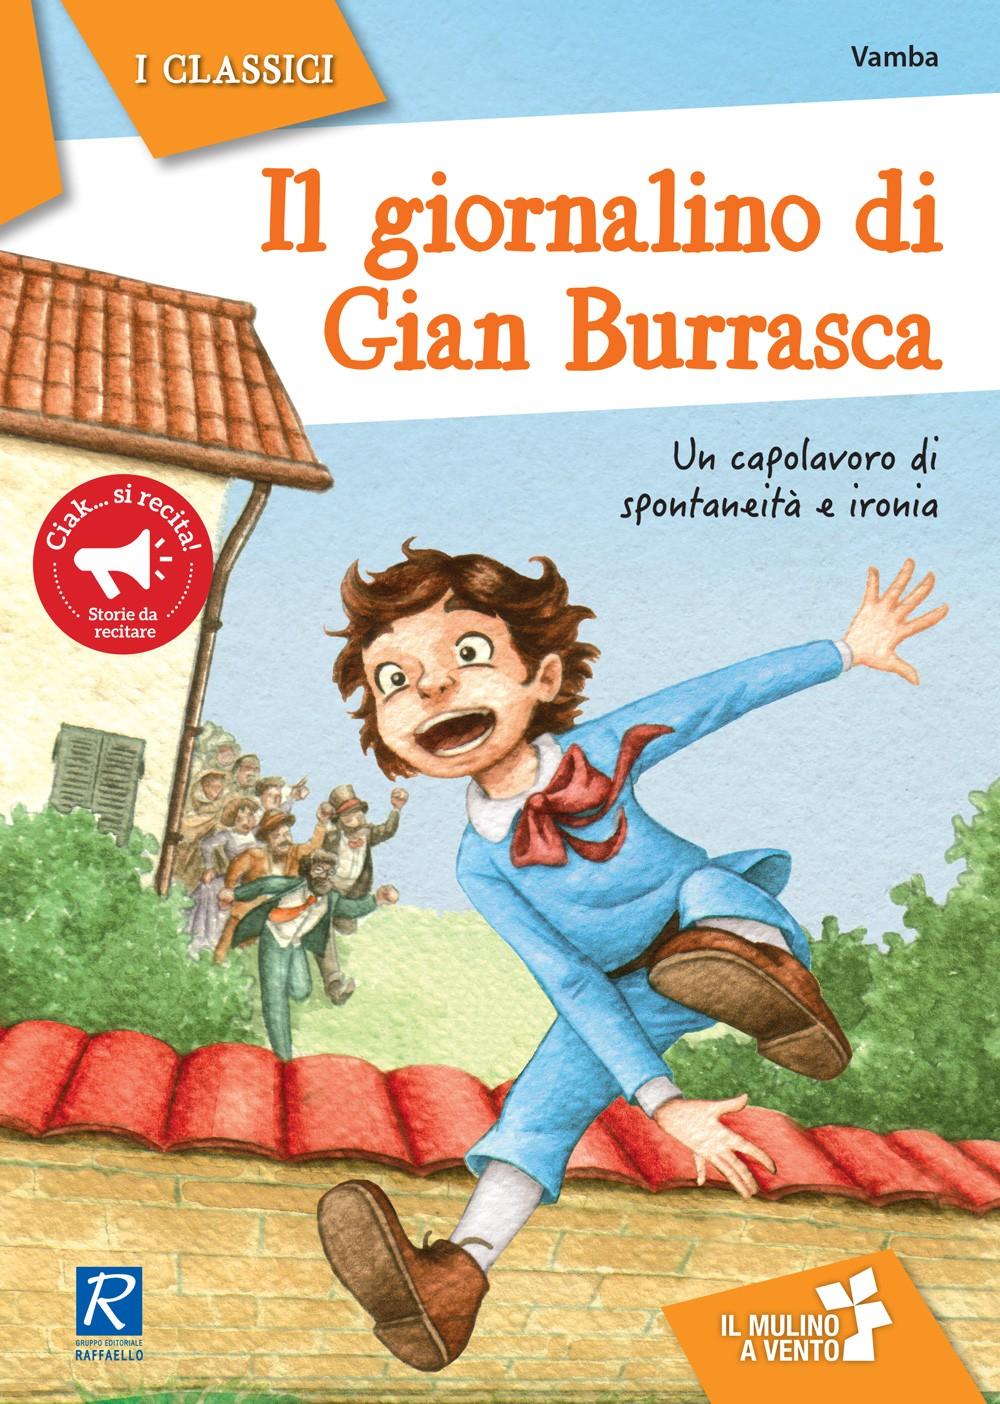 Vamba (Luigi Bertelli) – Il giornalino di Gian Burrasca